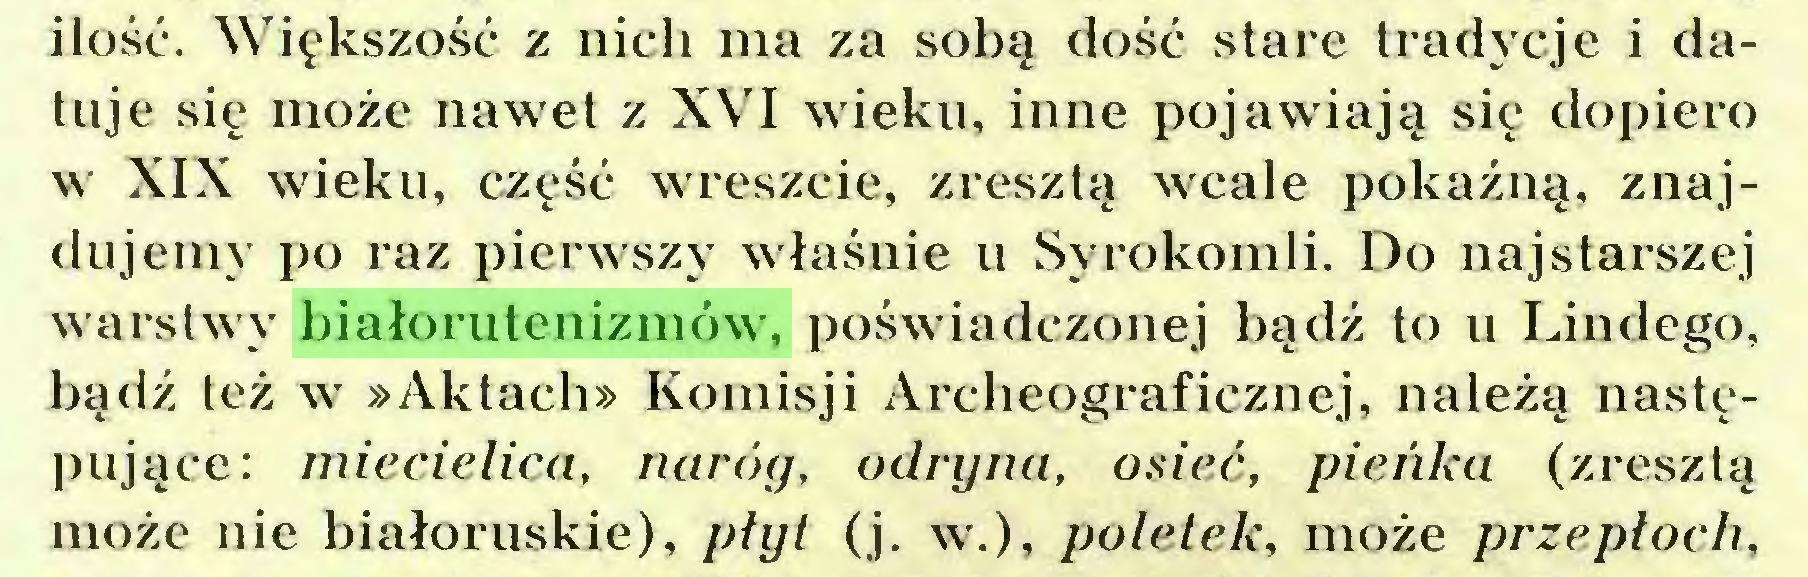 (...) ilość. Większość z nich ma za sobą dość stare tradycje i datuje się może nawet z XVI wieku, inne pojawiają się dopiero w XIX wieku, część wreszcie, zresztą wcale pokaźną, znajdujemy po raz pierwszy właśnie u Syrokomli. Do najstarszej warstwy białorutenizmów, poświadczonej bądź to u Lindego, bądź też w »Aktach» Komisji Archeograficznej, należą następujące: miecielica, naróg, odry na, osieć, pieńka (zresztą może nie białoruskie), płyt (j. w.), poletek, może przepłoch,...